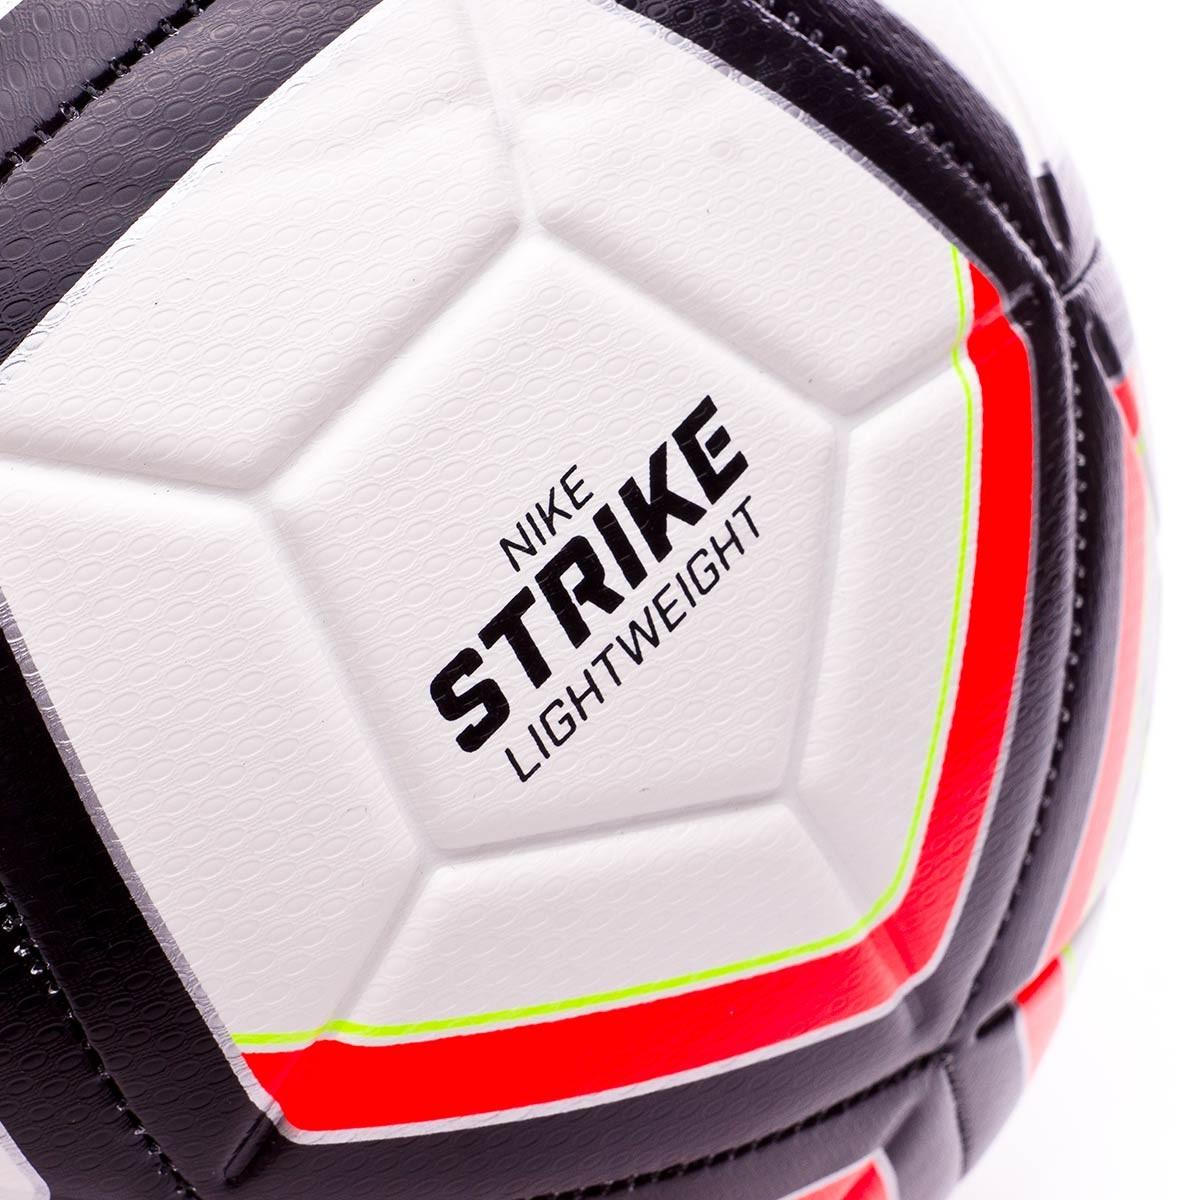 Destino Guijarro veneno  Balón Nike Strike Team Football (290gr) White-Total crimson-Black-Volt -  Tienda de fútbol Fútbol Emotion